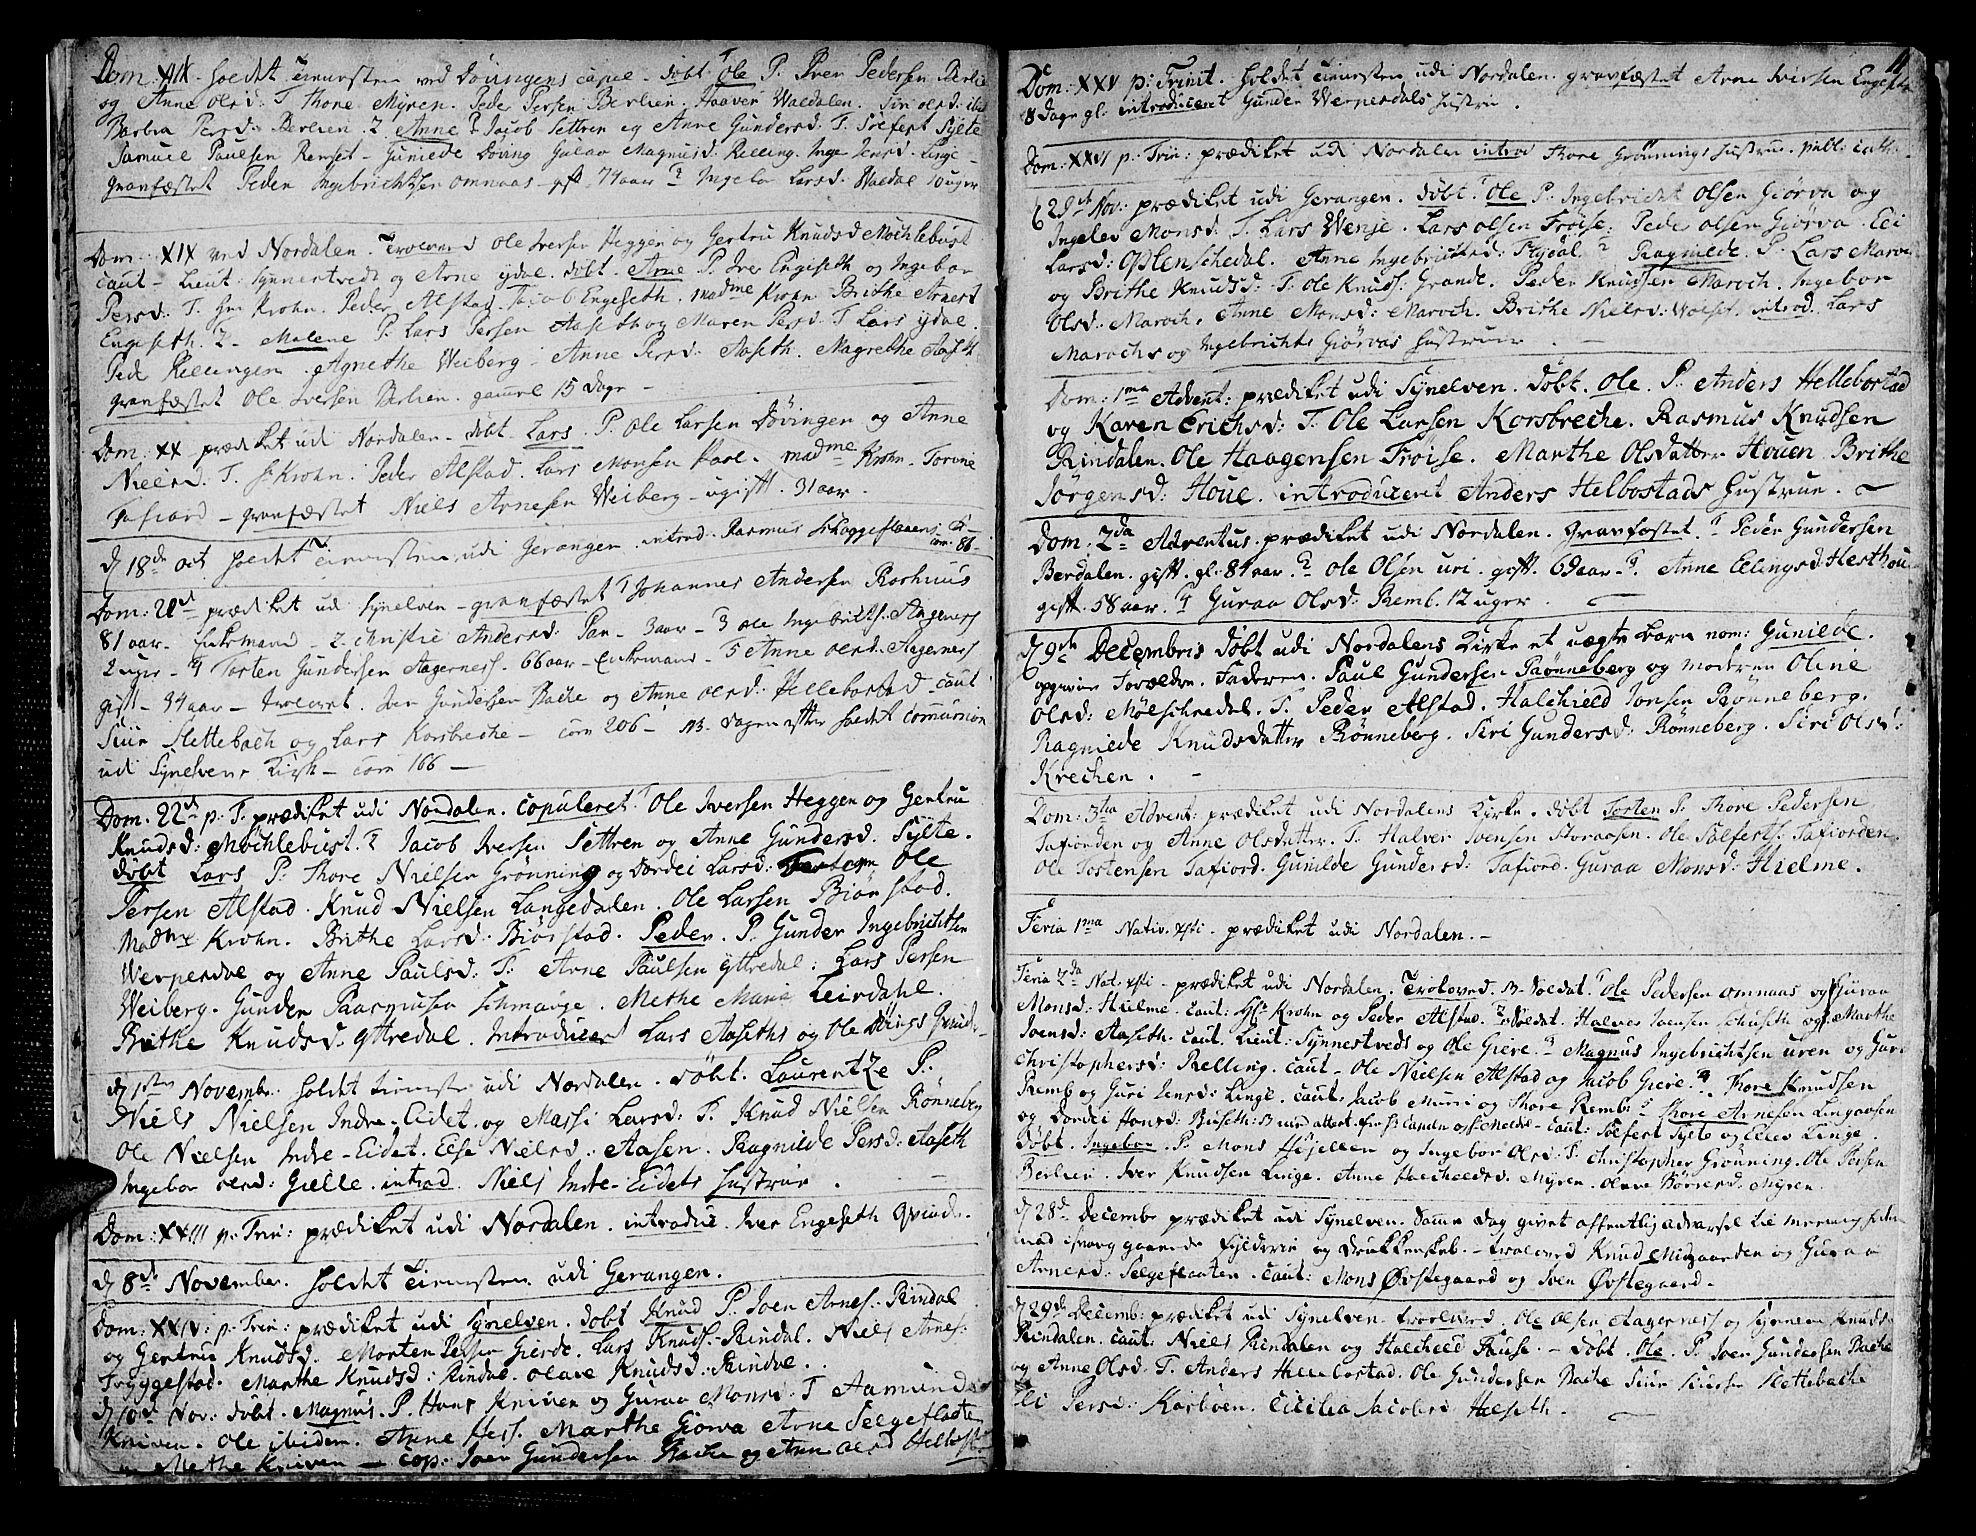 SAT, Ministerialprotokoller, klokkerbøker og fødselsregistre - Møre og Romsdal, 519/L0245: Ministerialbok nr. 519A04, 1774-1816, s. 11